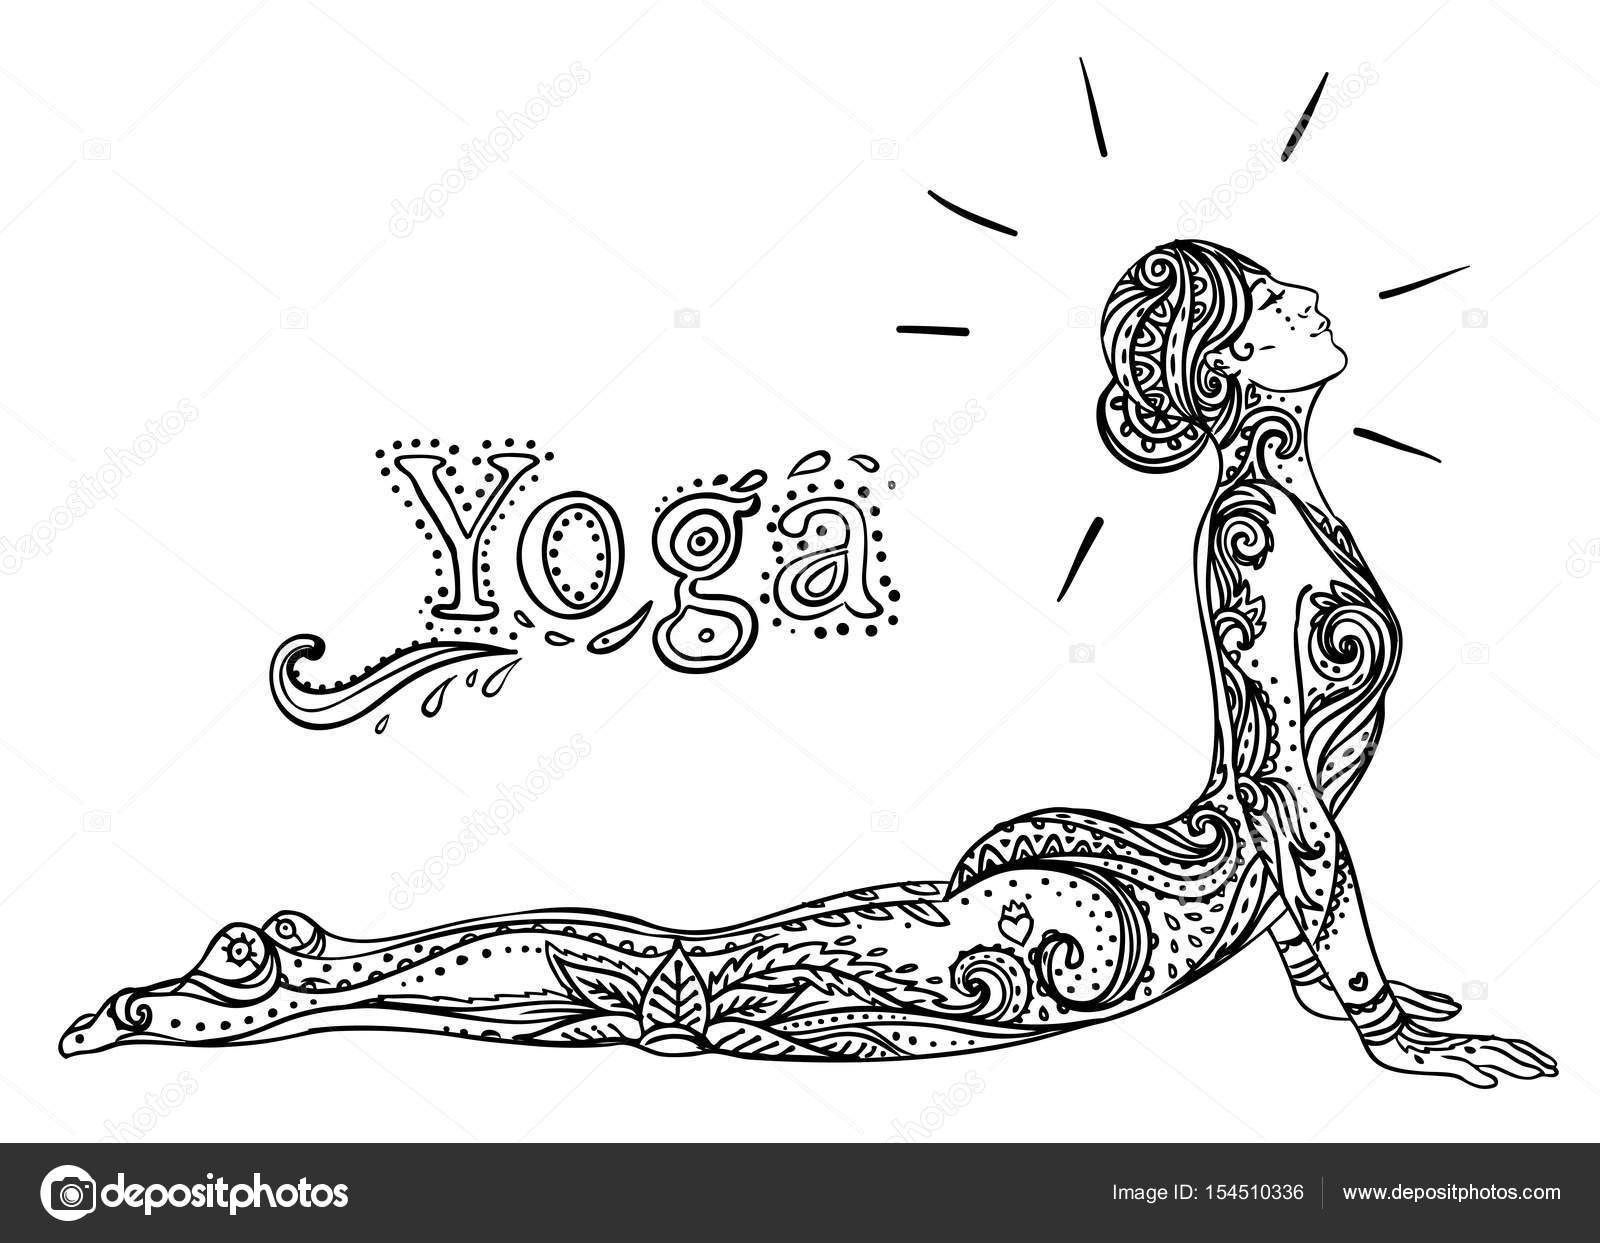 Dibujos: para colorear de posturas de yoga | Joven chica guapa